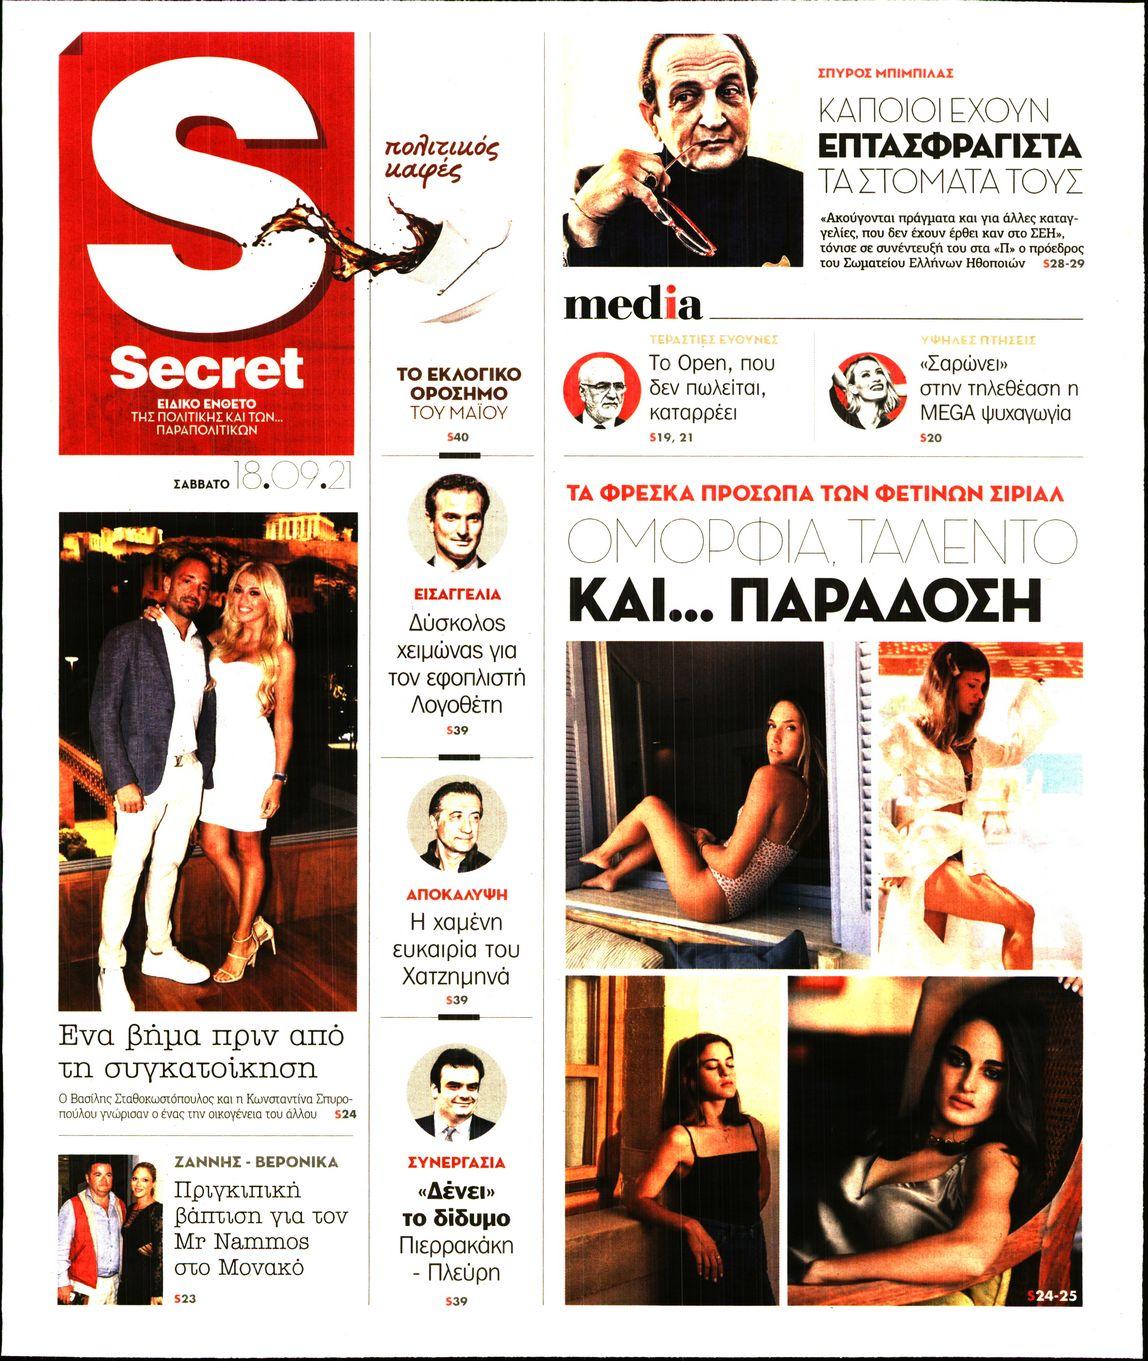 Πρωτοσέλιδο του εντύπου «ΠΑΡΑΠΟΛΙΤΙΚΑ - SECRET» που δημοσιεύτηκε στις 18/09/2021